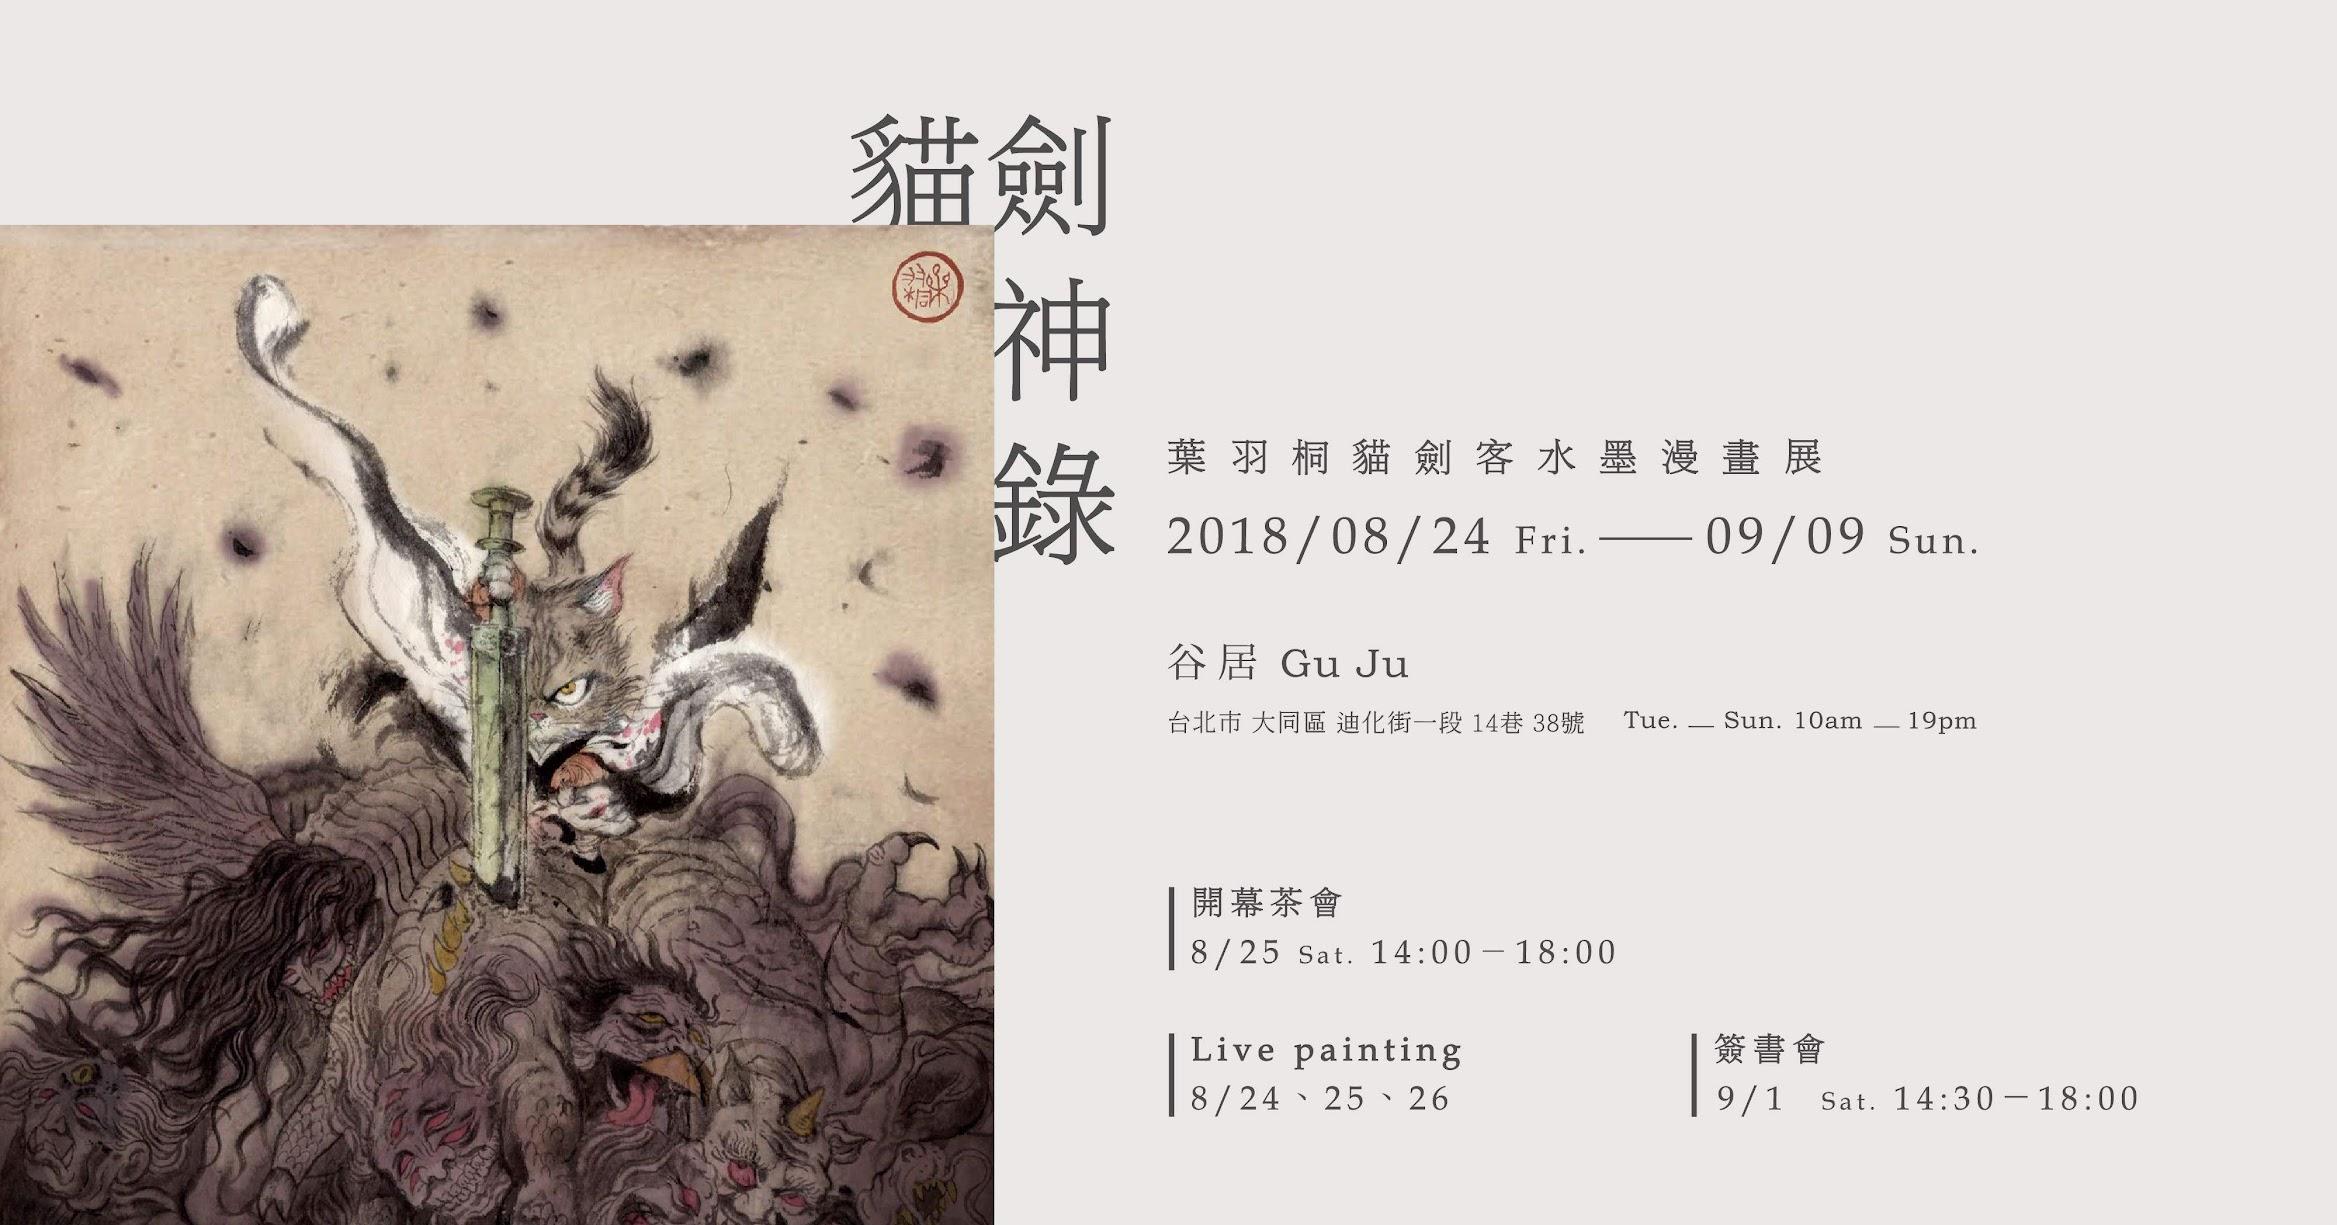 [迷迷展覽]熱門水墨漫畫《貓劍客》作者 葉羽桐 舉辦個展  與10位藝術家合作